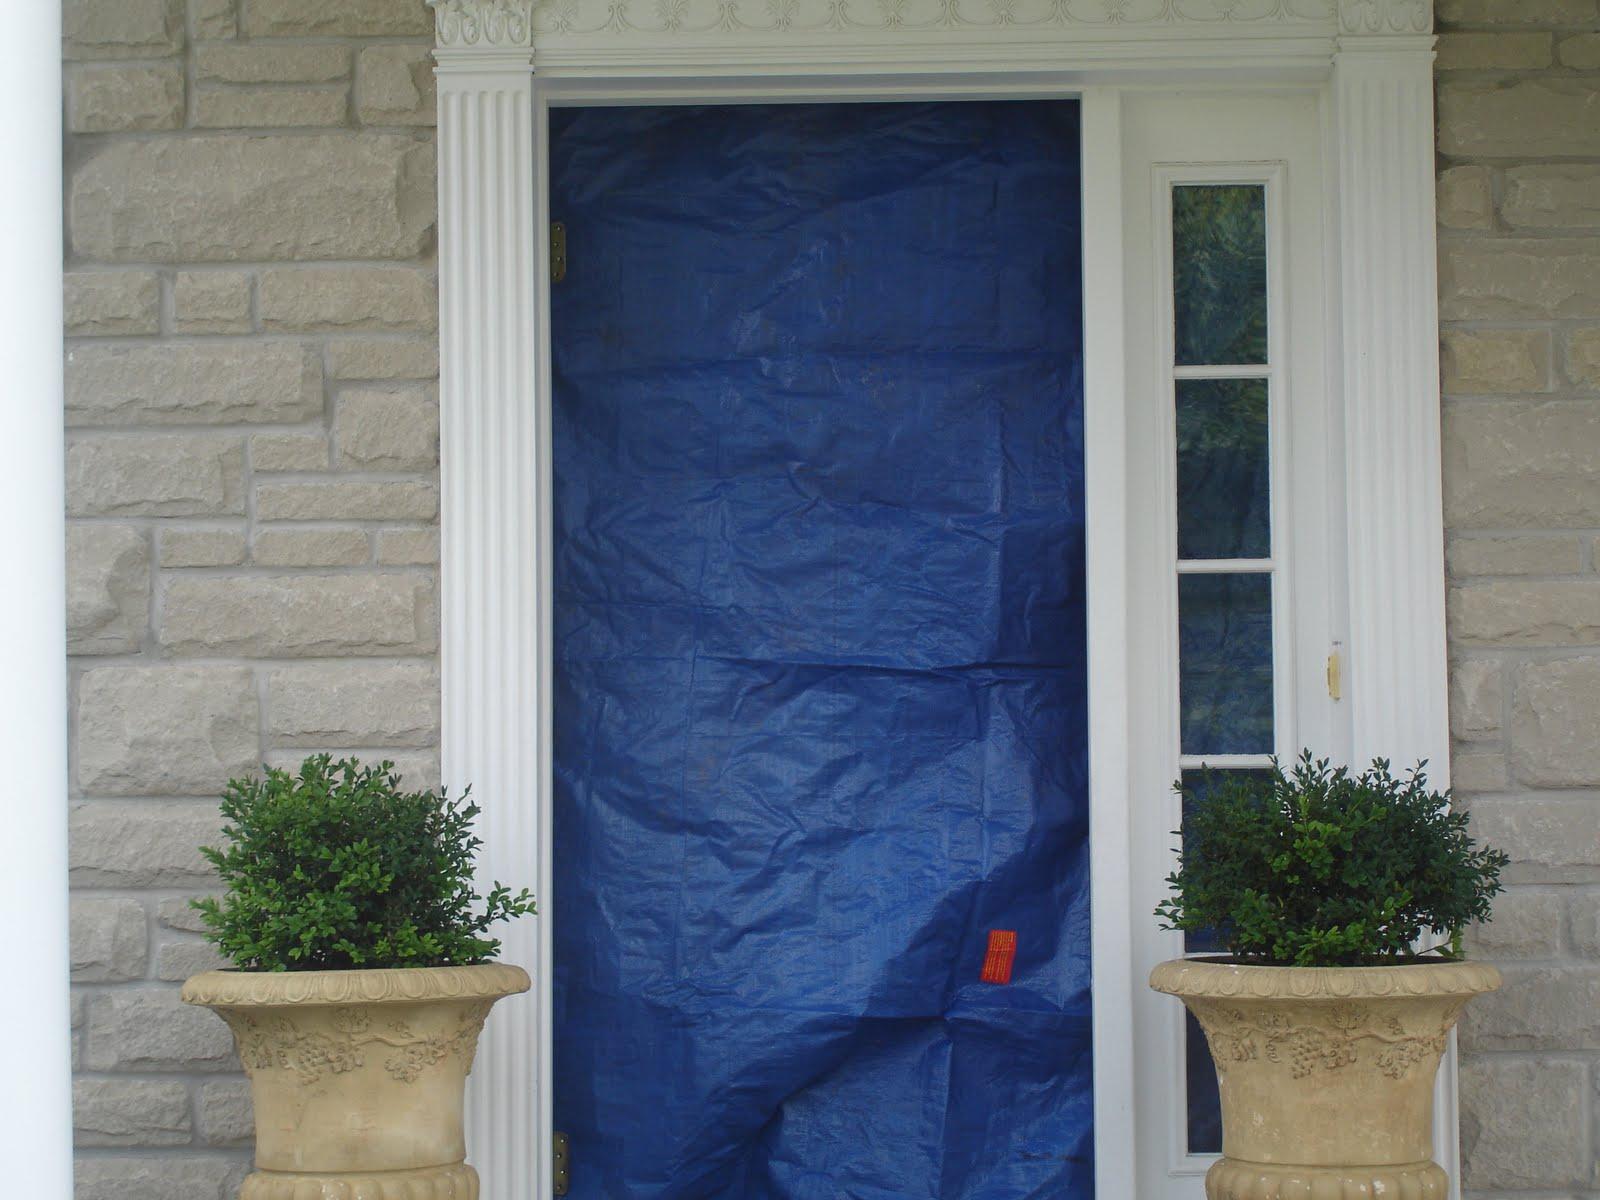 Tarp Doors Amp Zpacks Cuben Fiber Hammock Tarp With Doors & Zpacks Hammock Tarp With Doors.Tarp Doors Zpacks Cuben Fiber Hammock ...